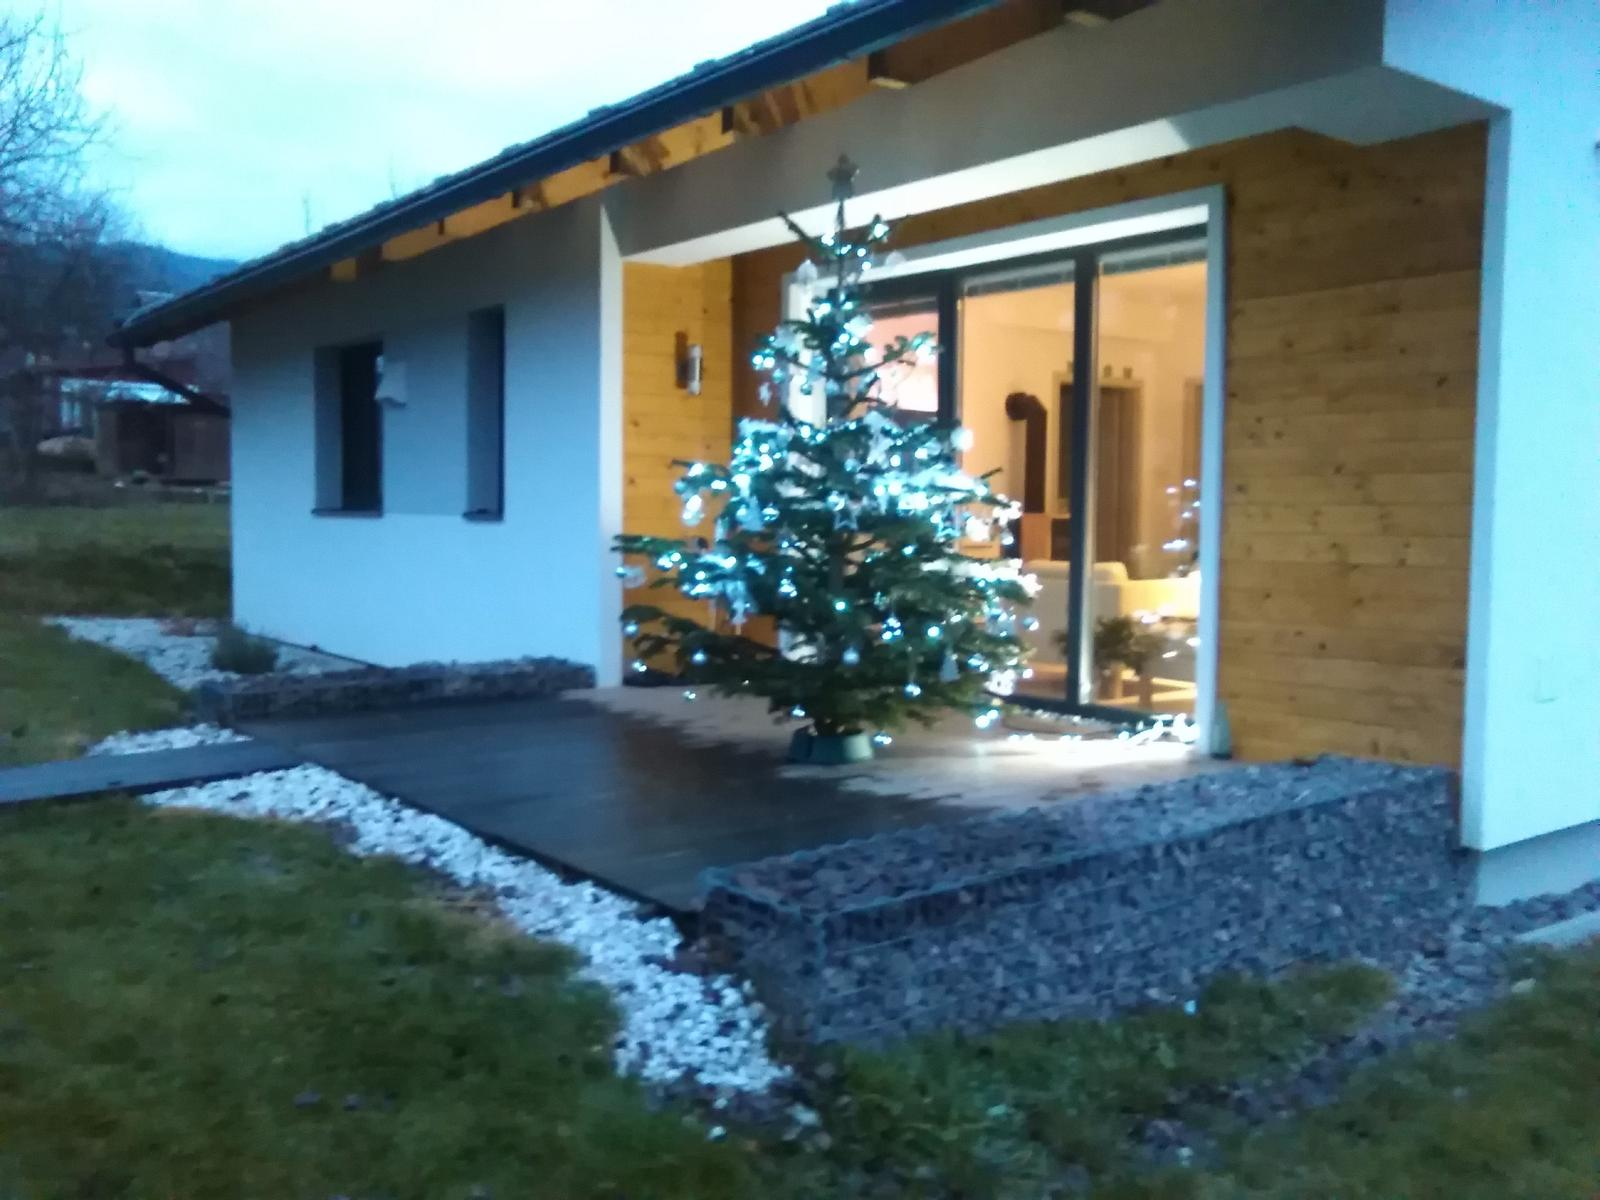 NÍZKOENERGETICKÝ a napriek tomu je v ňom VEĽA pozitívnej ENERGIE - ZADNÝ: December 2015 - náš 1. vianočný strom v novom dome. Už iba čakáme na sneh